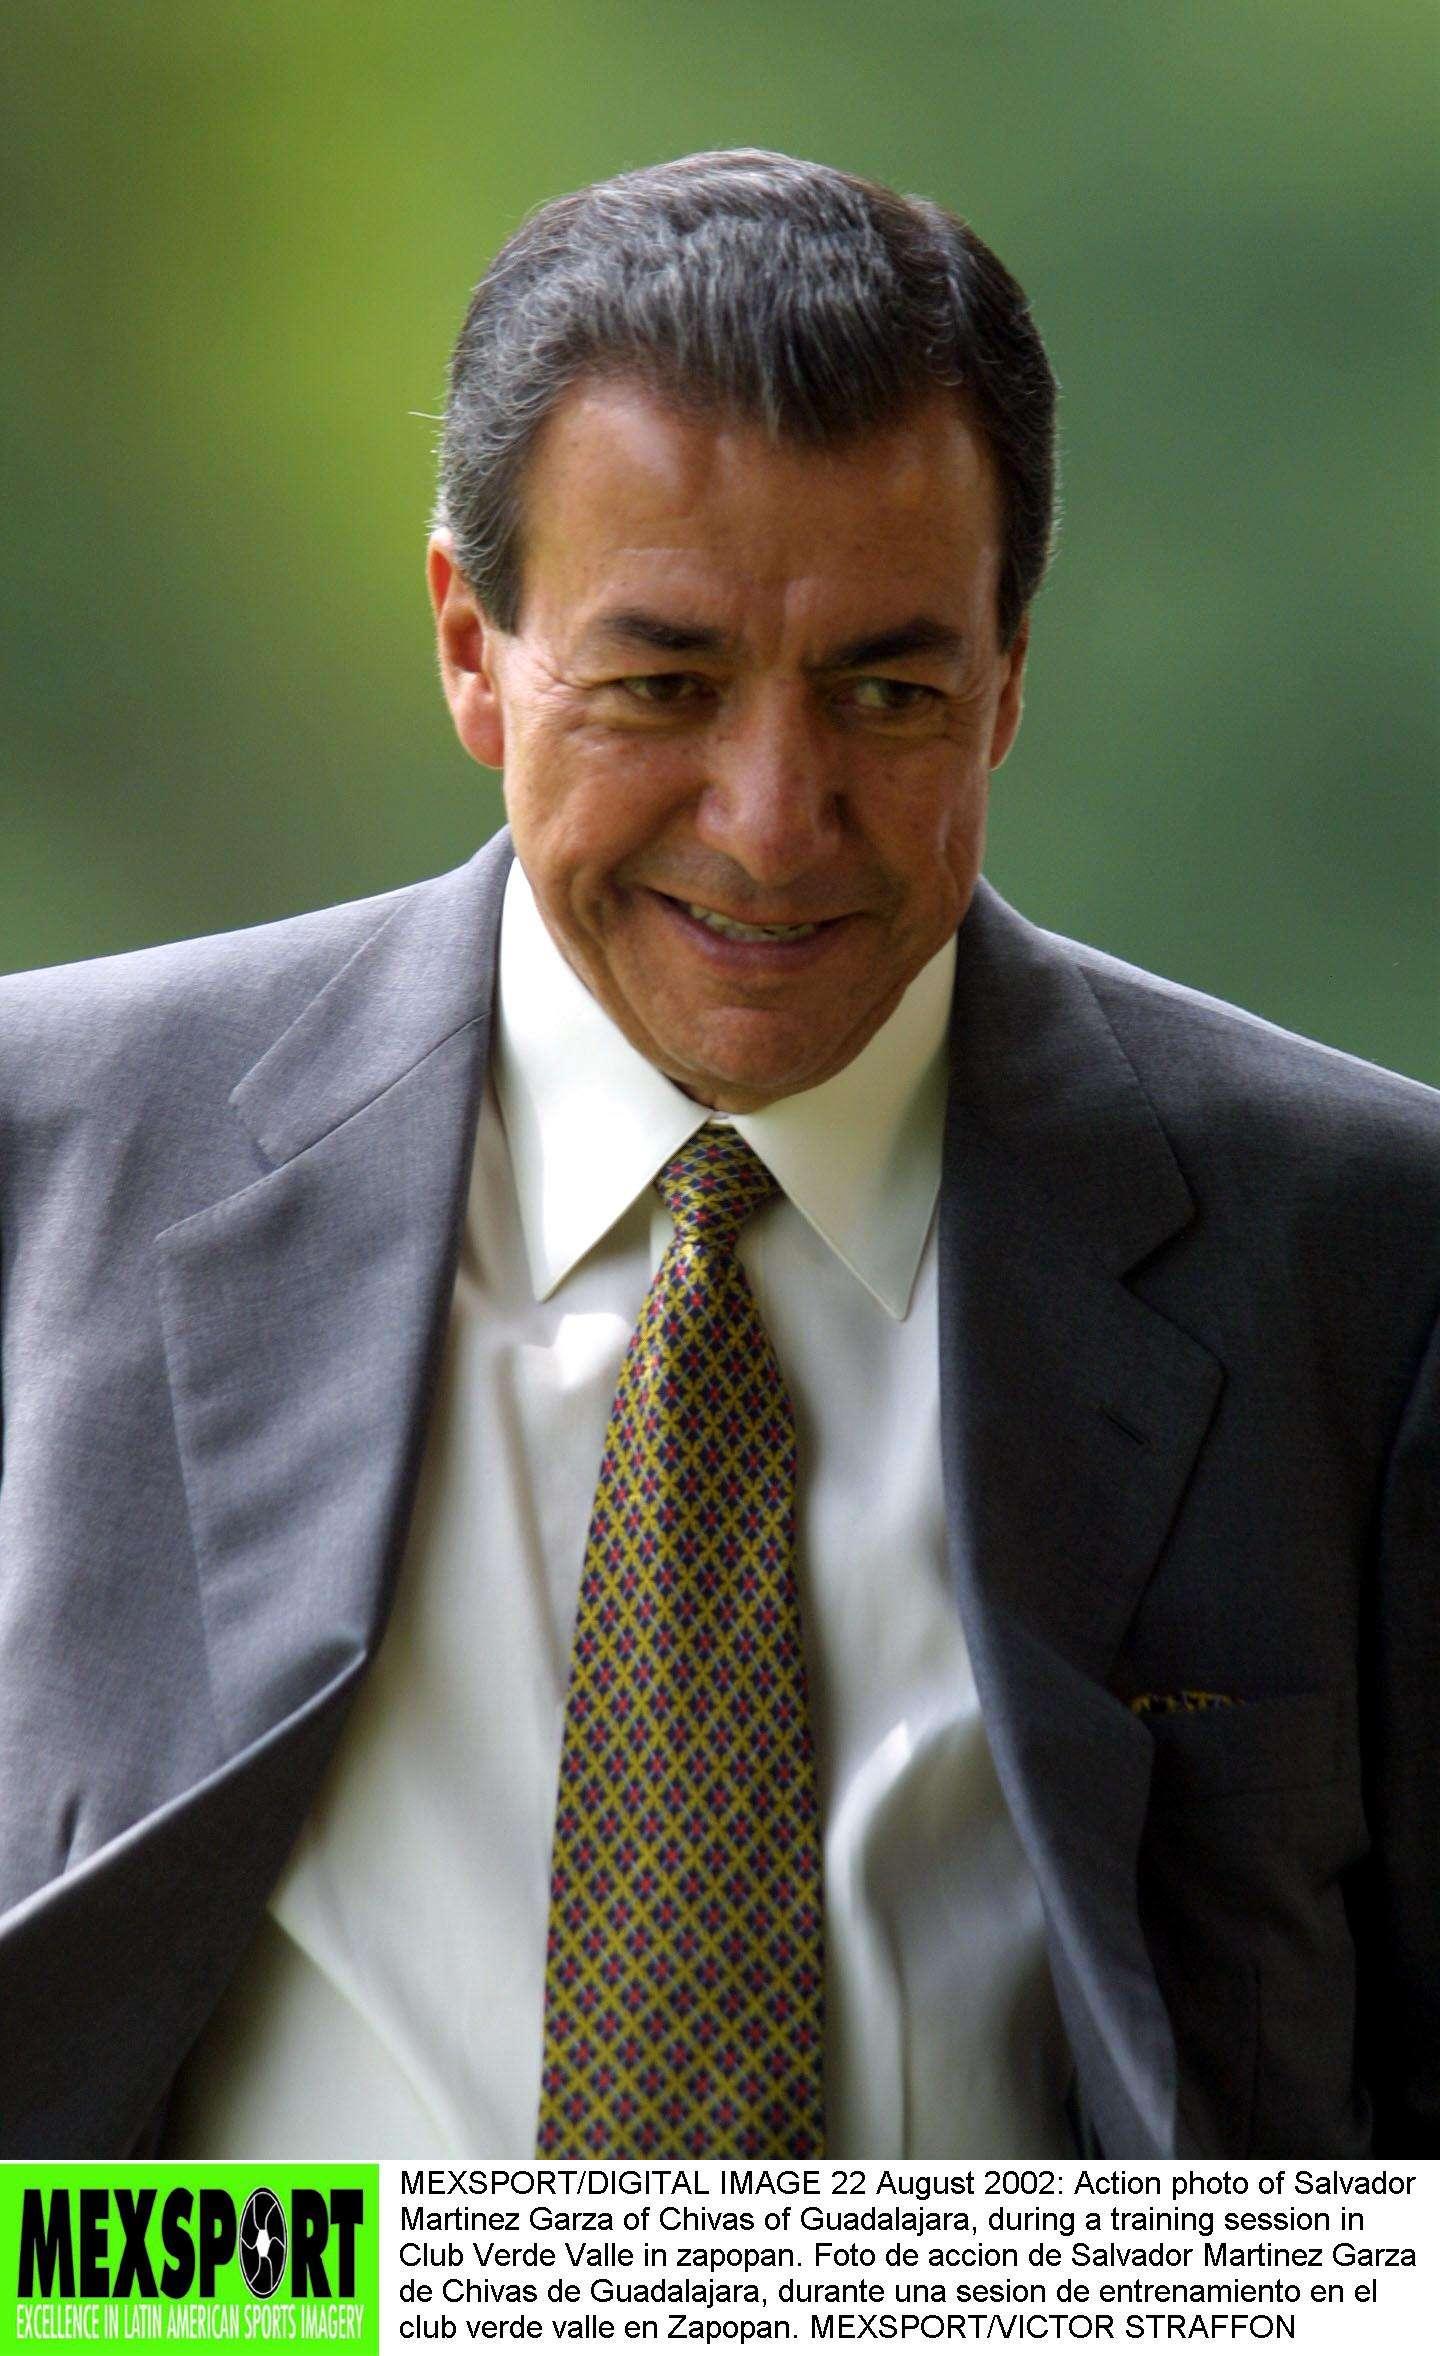 Martínez Garza llevó al título a las Chivas en el Verano 97. Foto: Mexsport